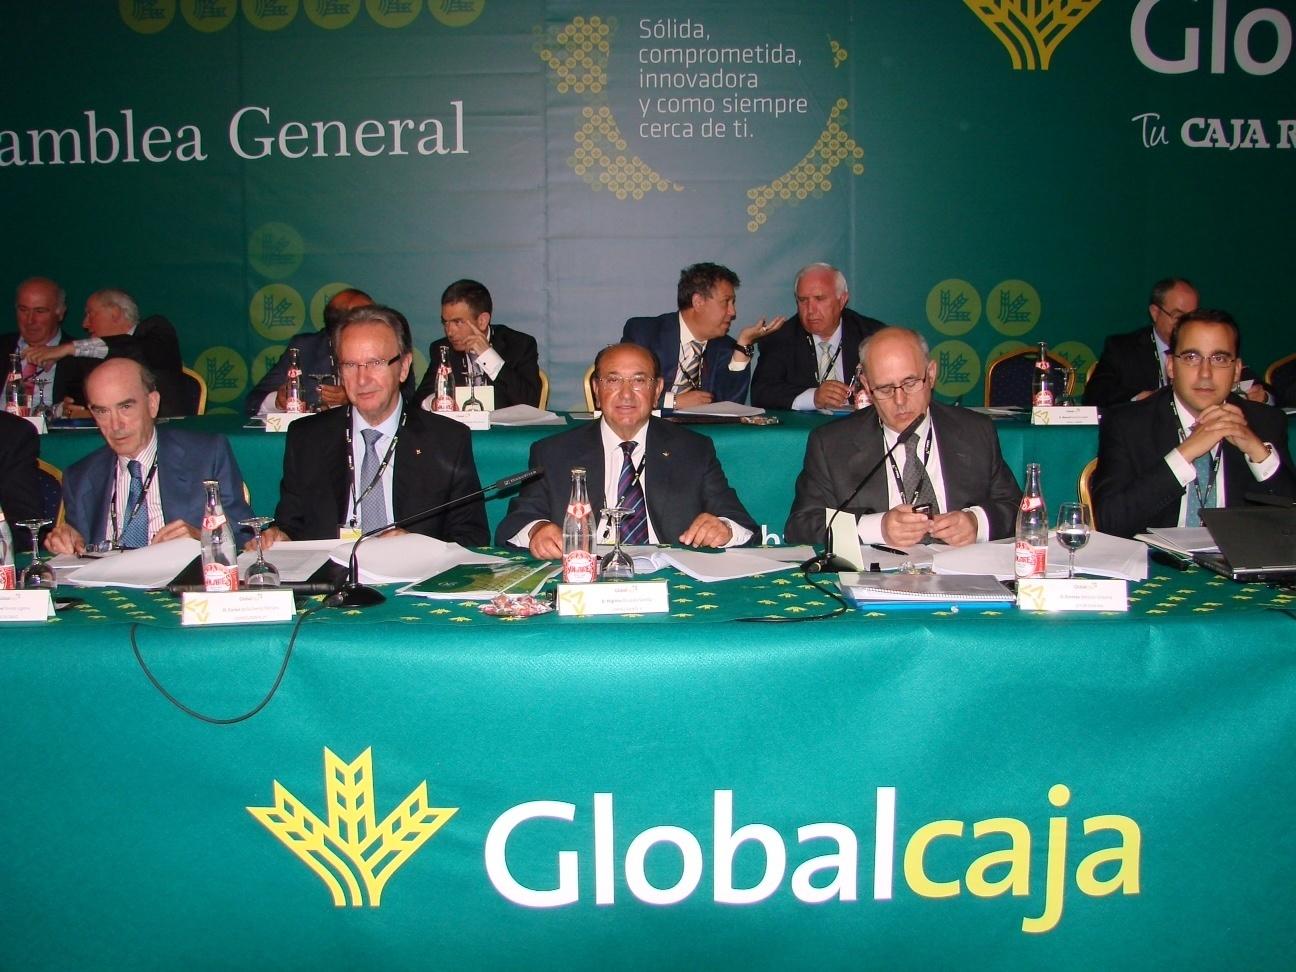 Globalcaja cerrará 2013 con un beneficio previsto de 12 millones de euros, un 15% más que el pasado ejercicio